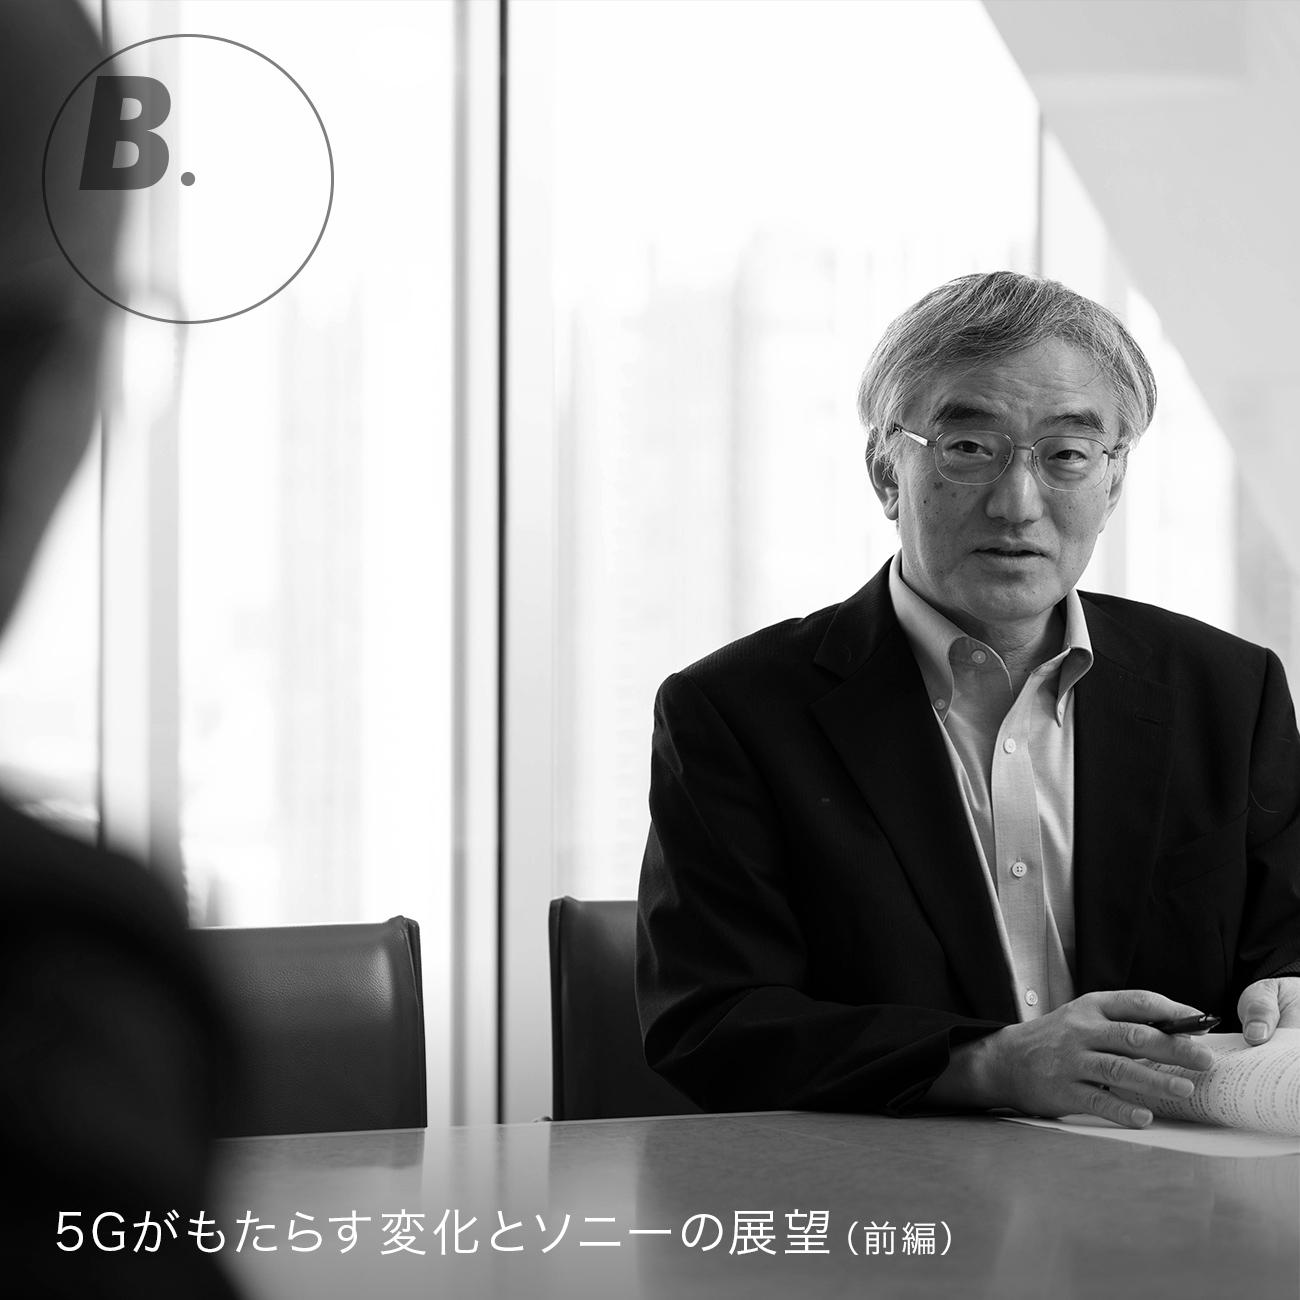 5Gがもたらす変化とソニーの展望(前編)